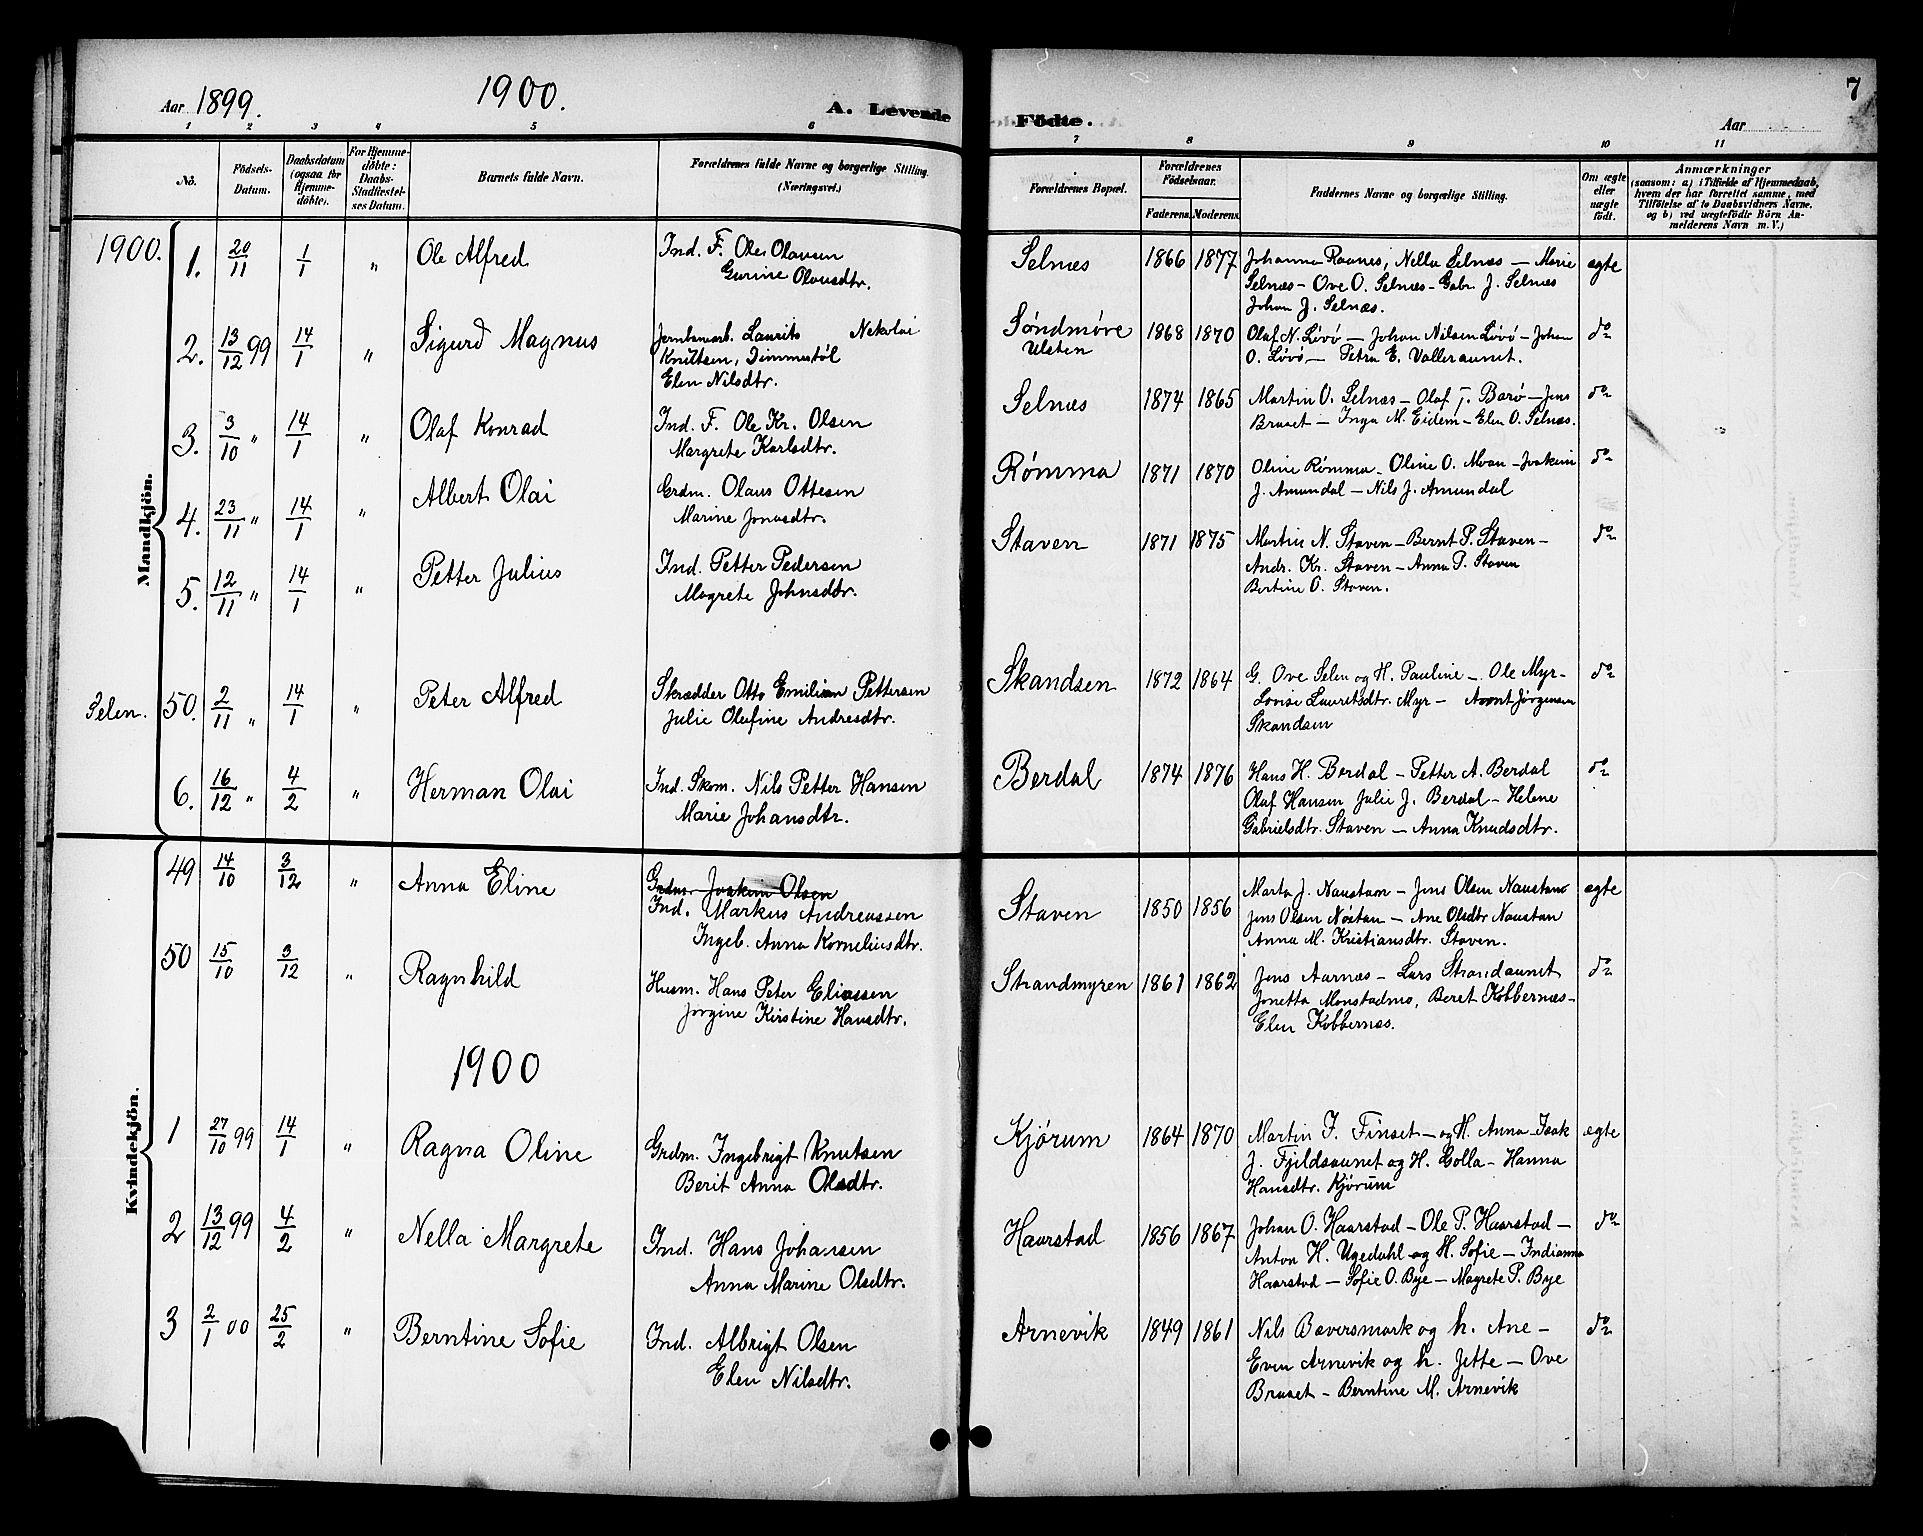 SAT, Ministerialprotokoller, klokkerbøker og fødselsregistre - Sør-Trøndelag, 655/L0688: Klokkerbok nr. 655C04, 1899-1922, s. 7